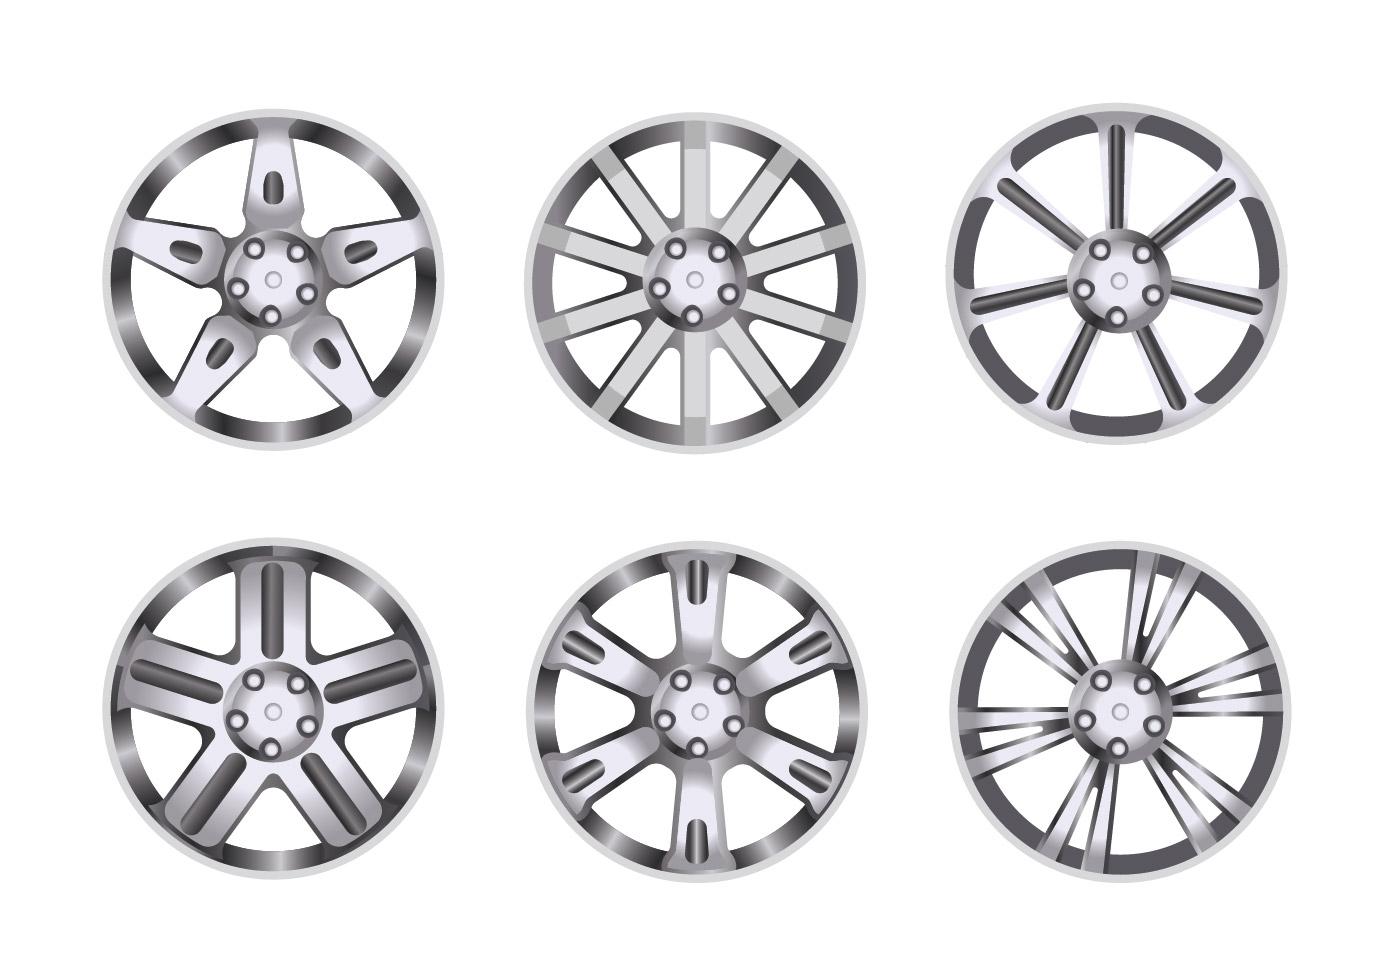 Car Alloy Wheel Set